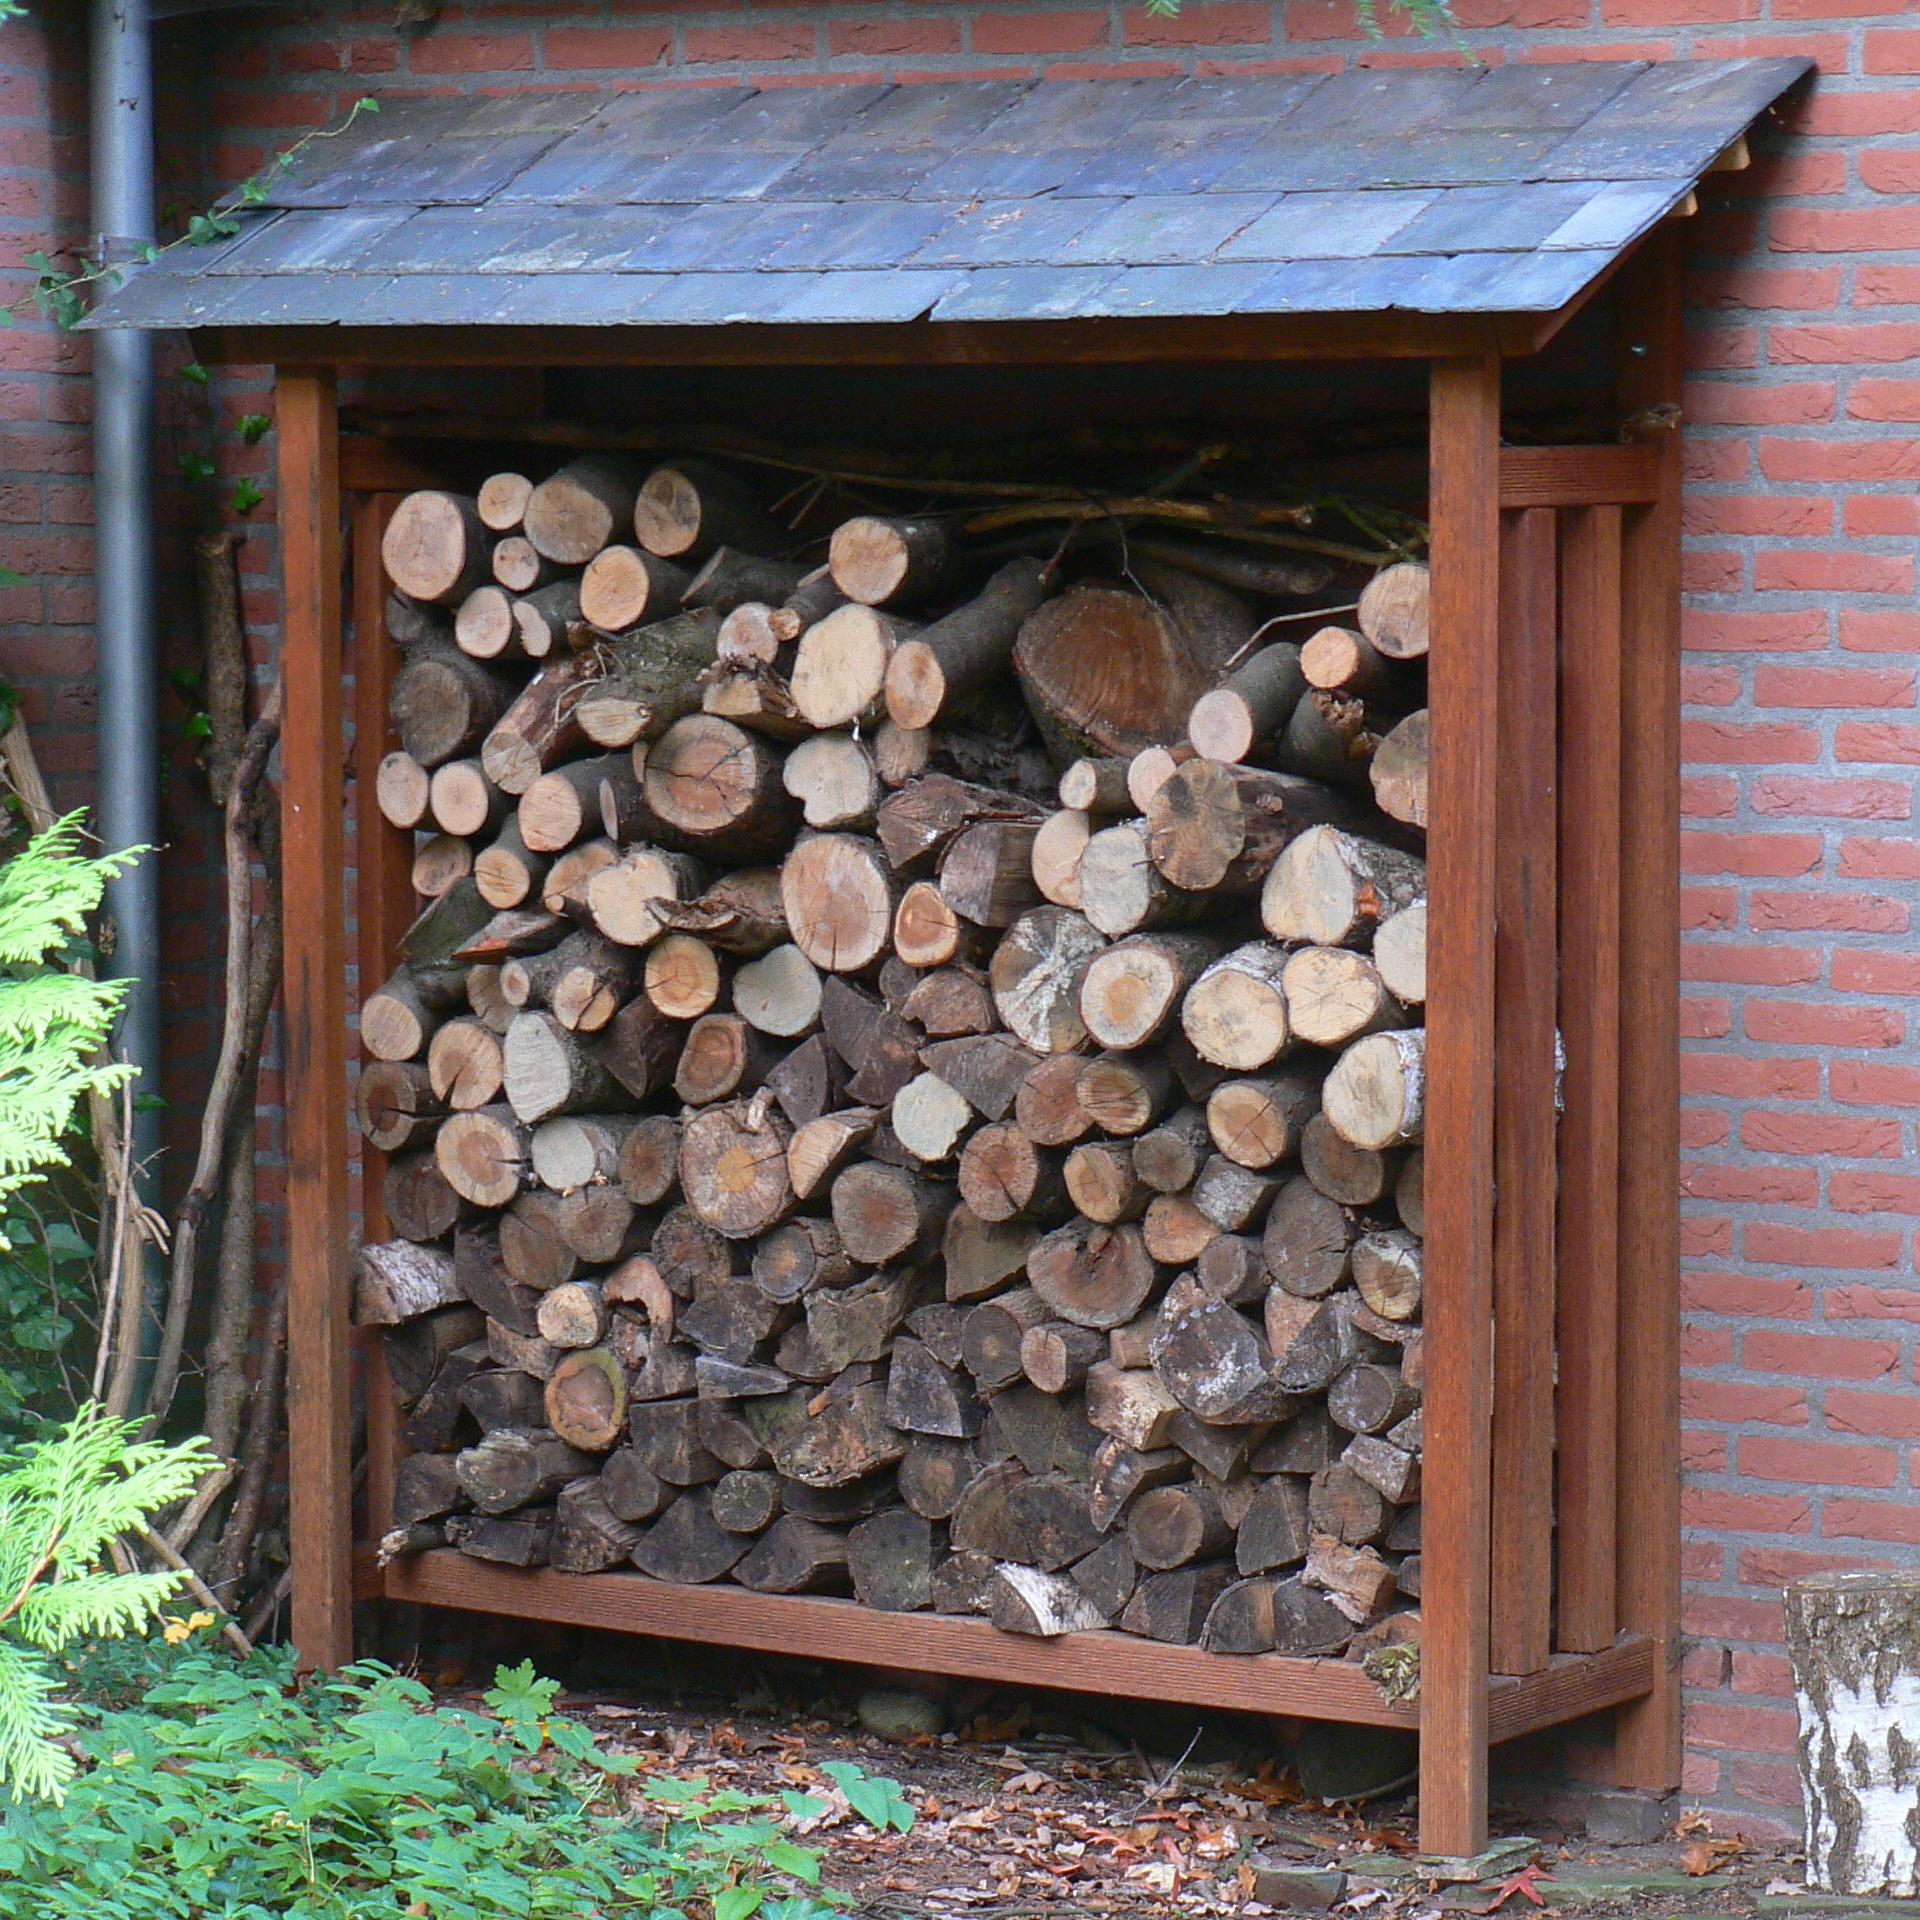 Haardhouthok van verantwoord hout met leisteen dak